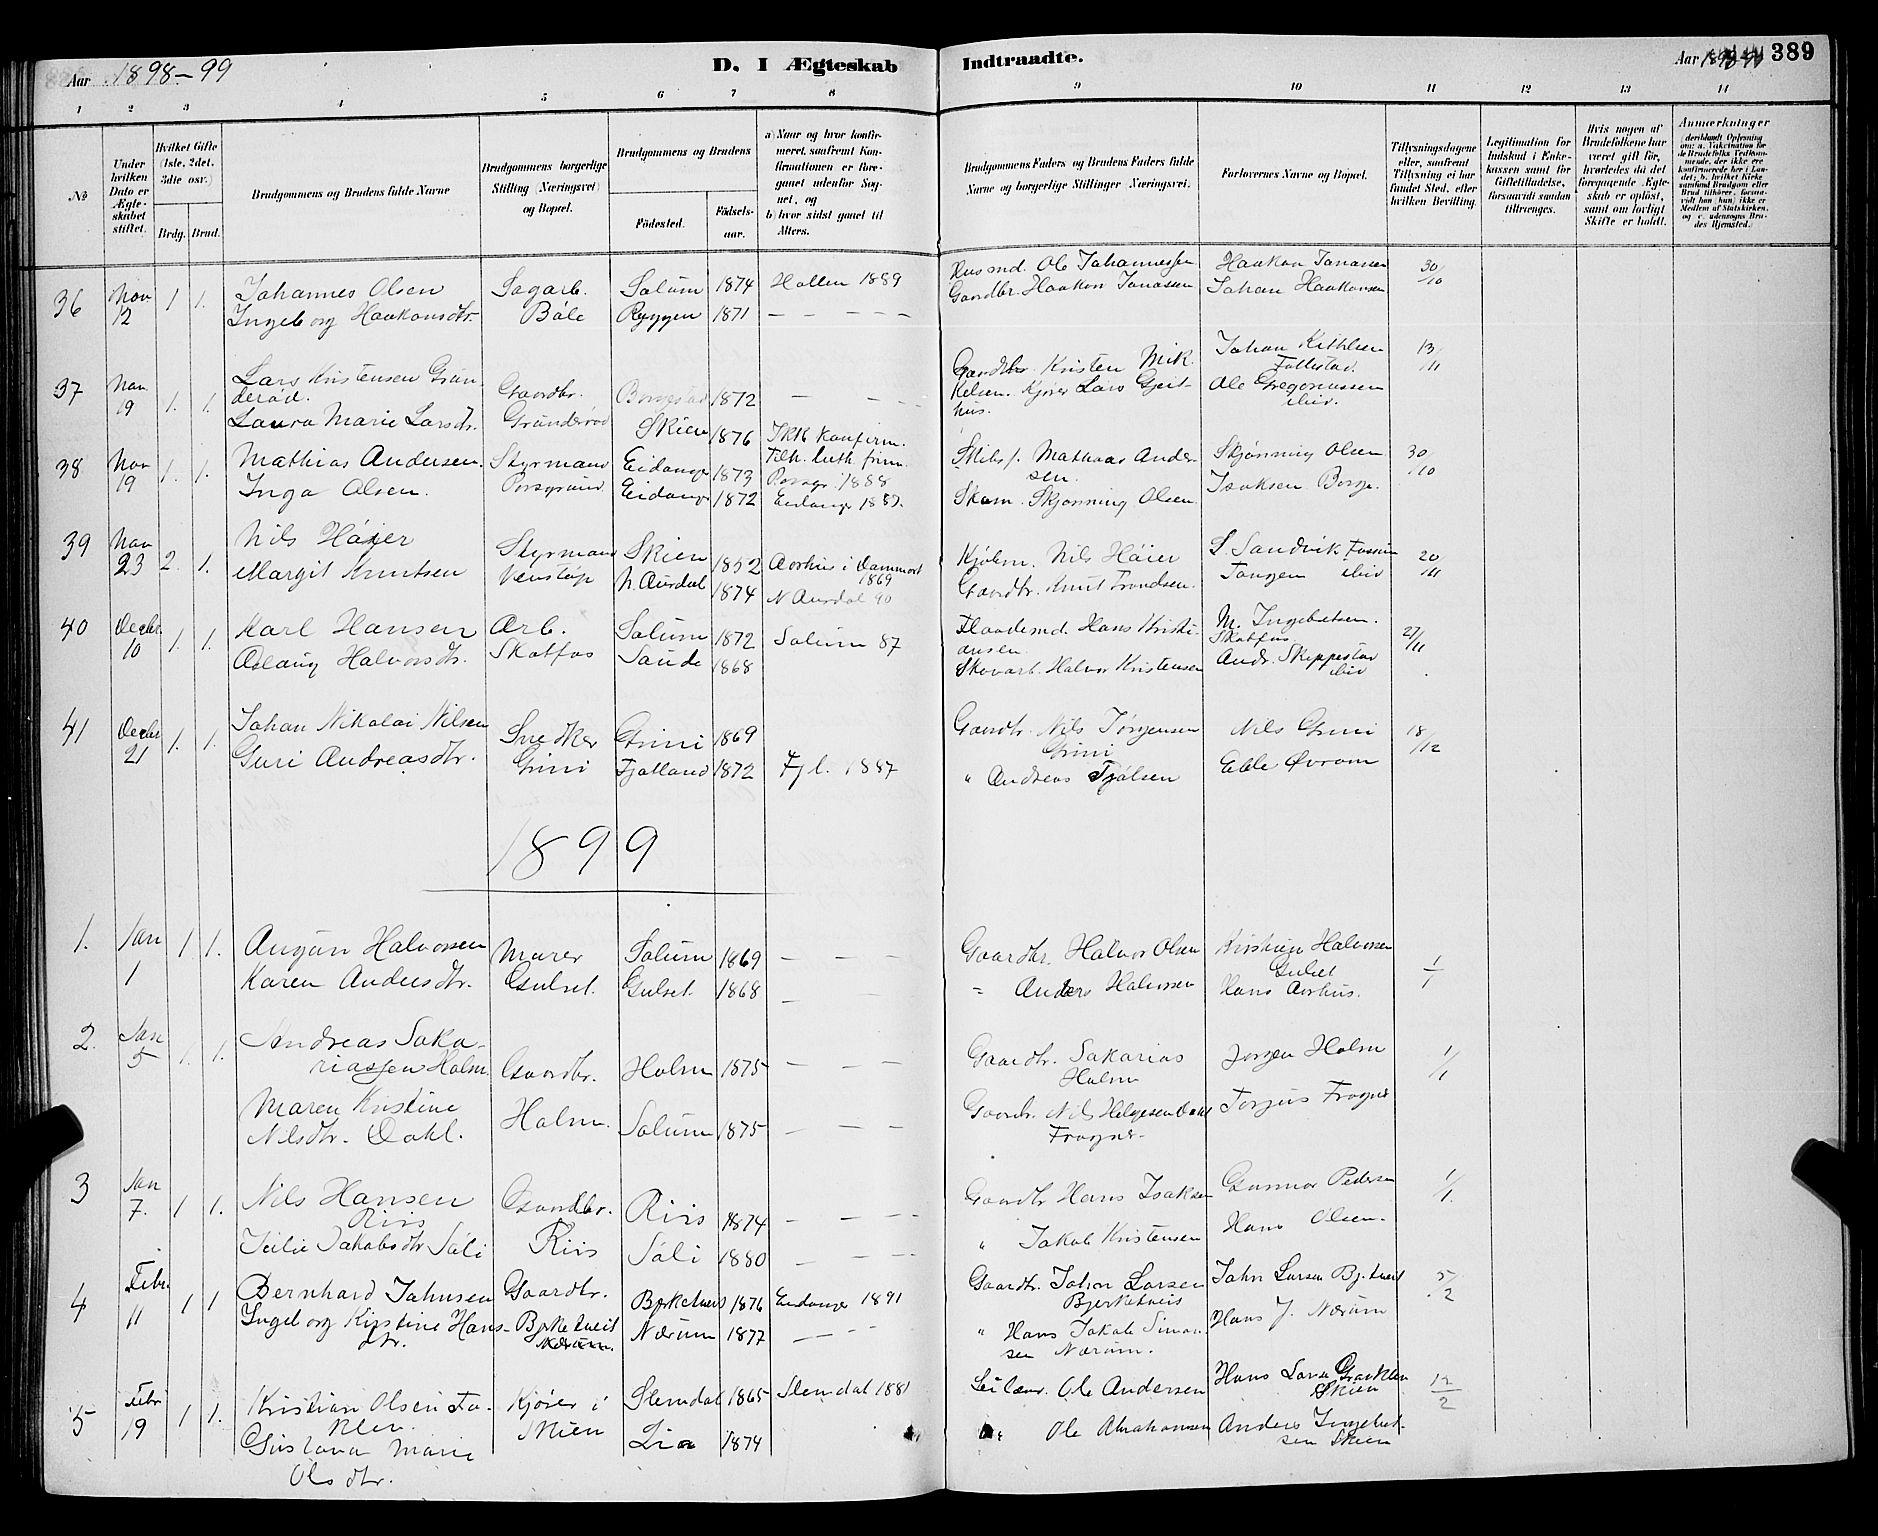 SAKO, Gjerpen kirkebøker, G/Ga/L0002: Klokkerbok nr. I 2, 1883-1900, s. 389